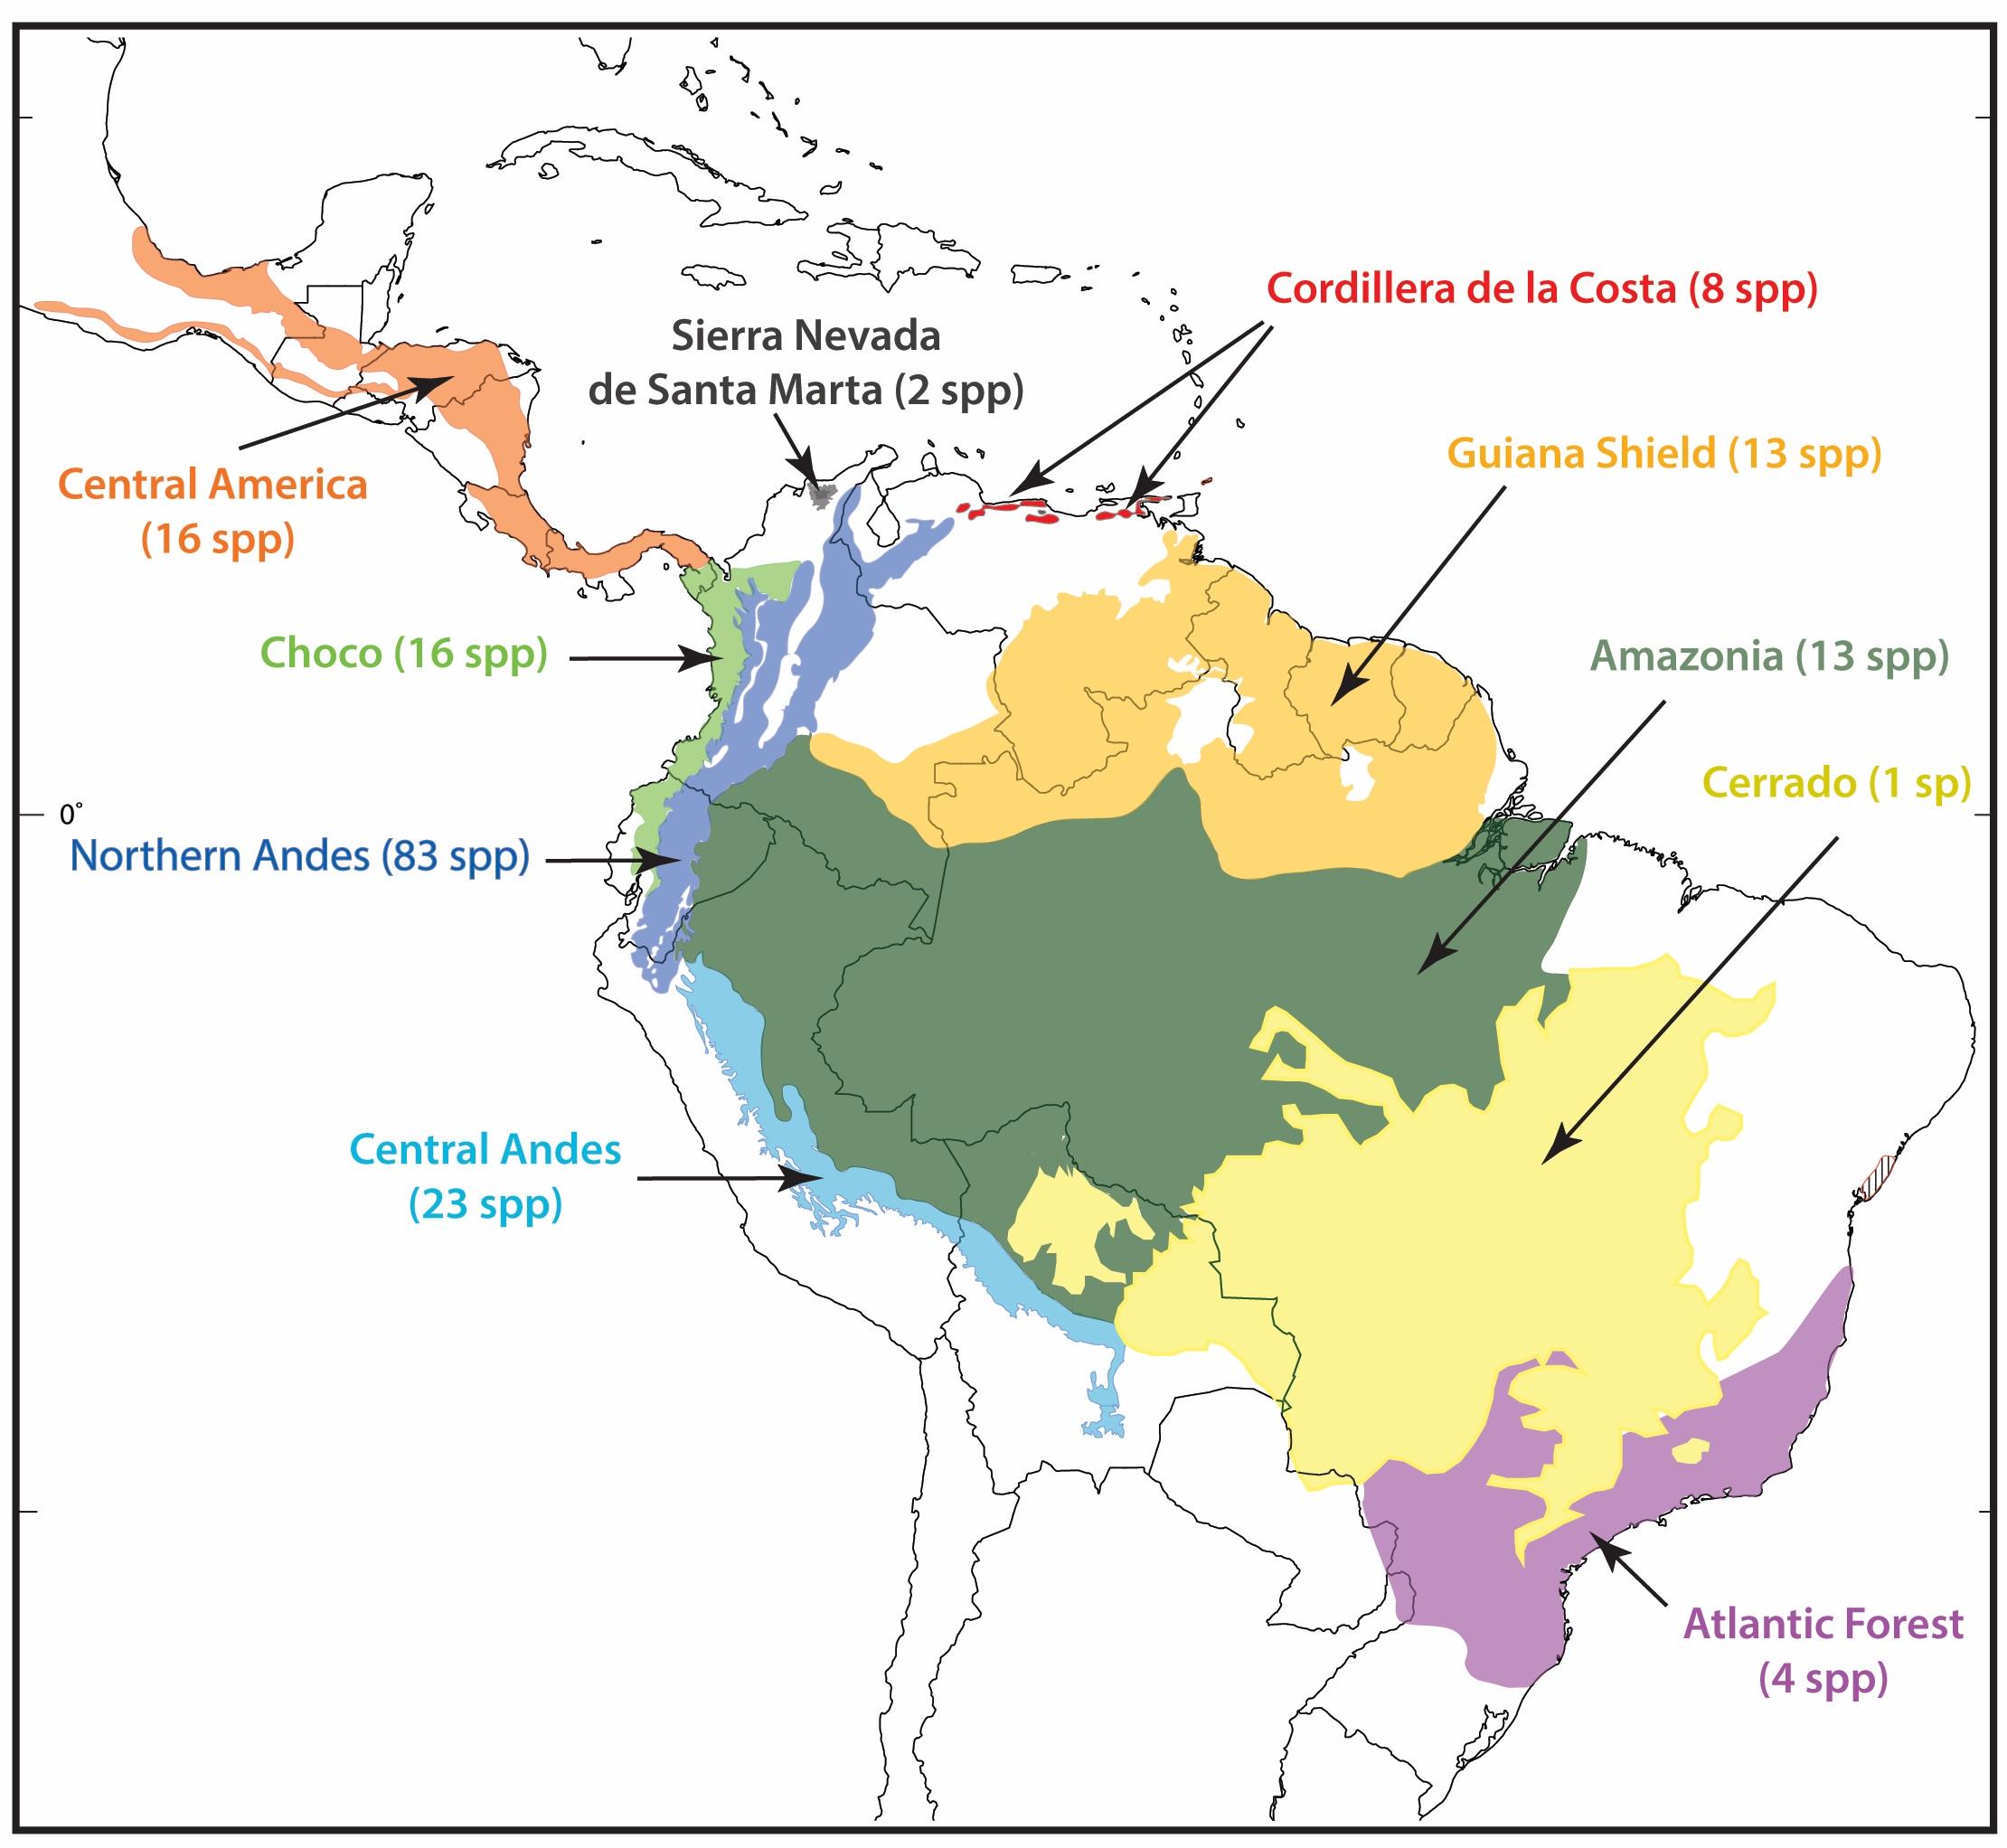 Ranas de cristal. Número de especies de ranas de cristal en distintas ecoregiones de América.